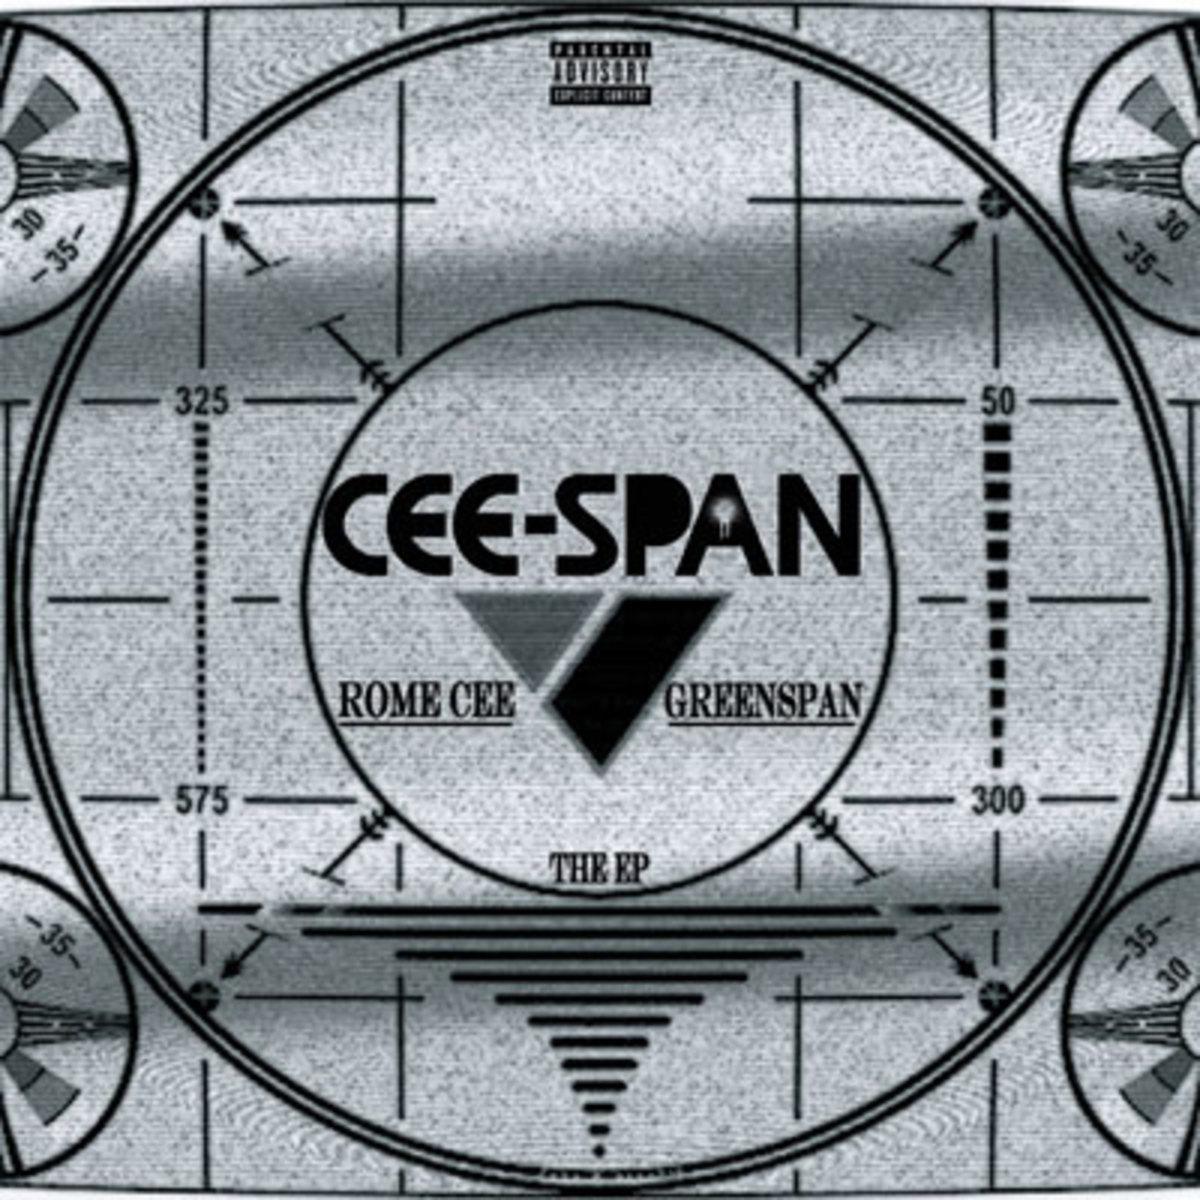 ceespan-theep.jpg